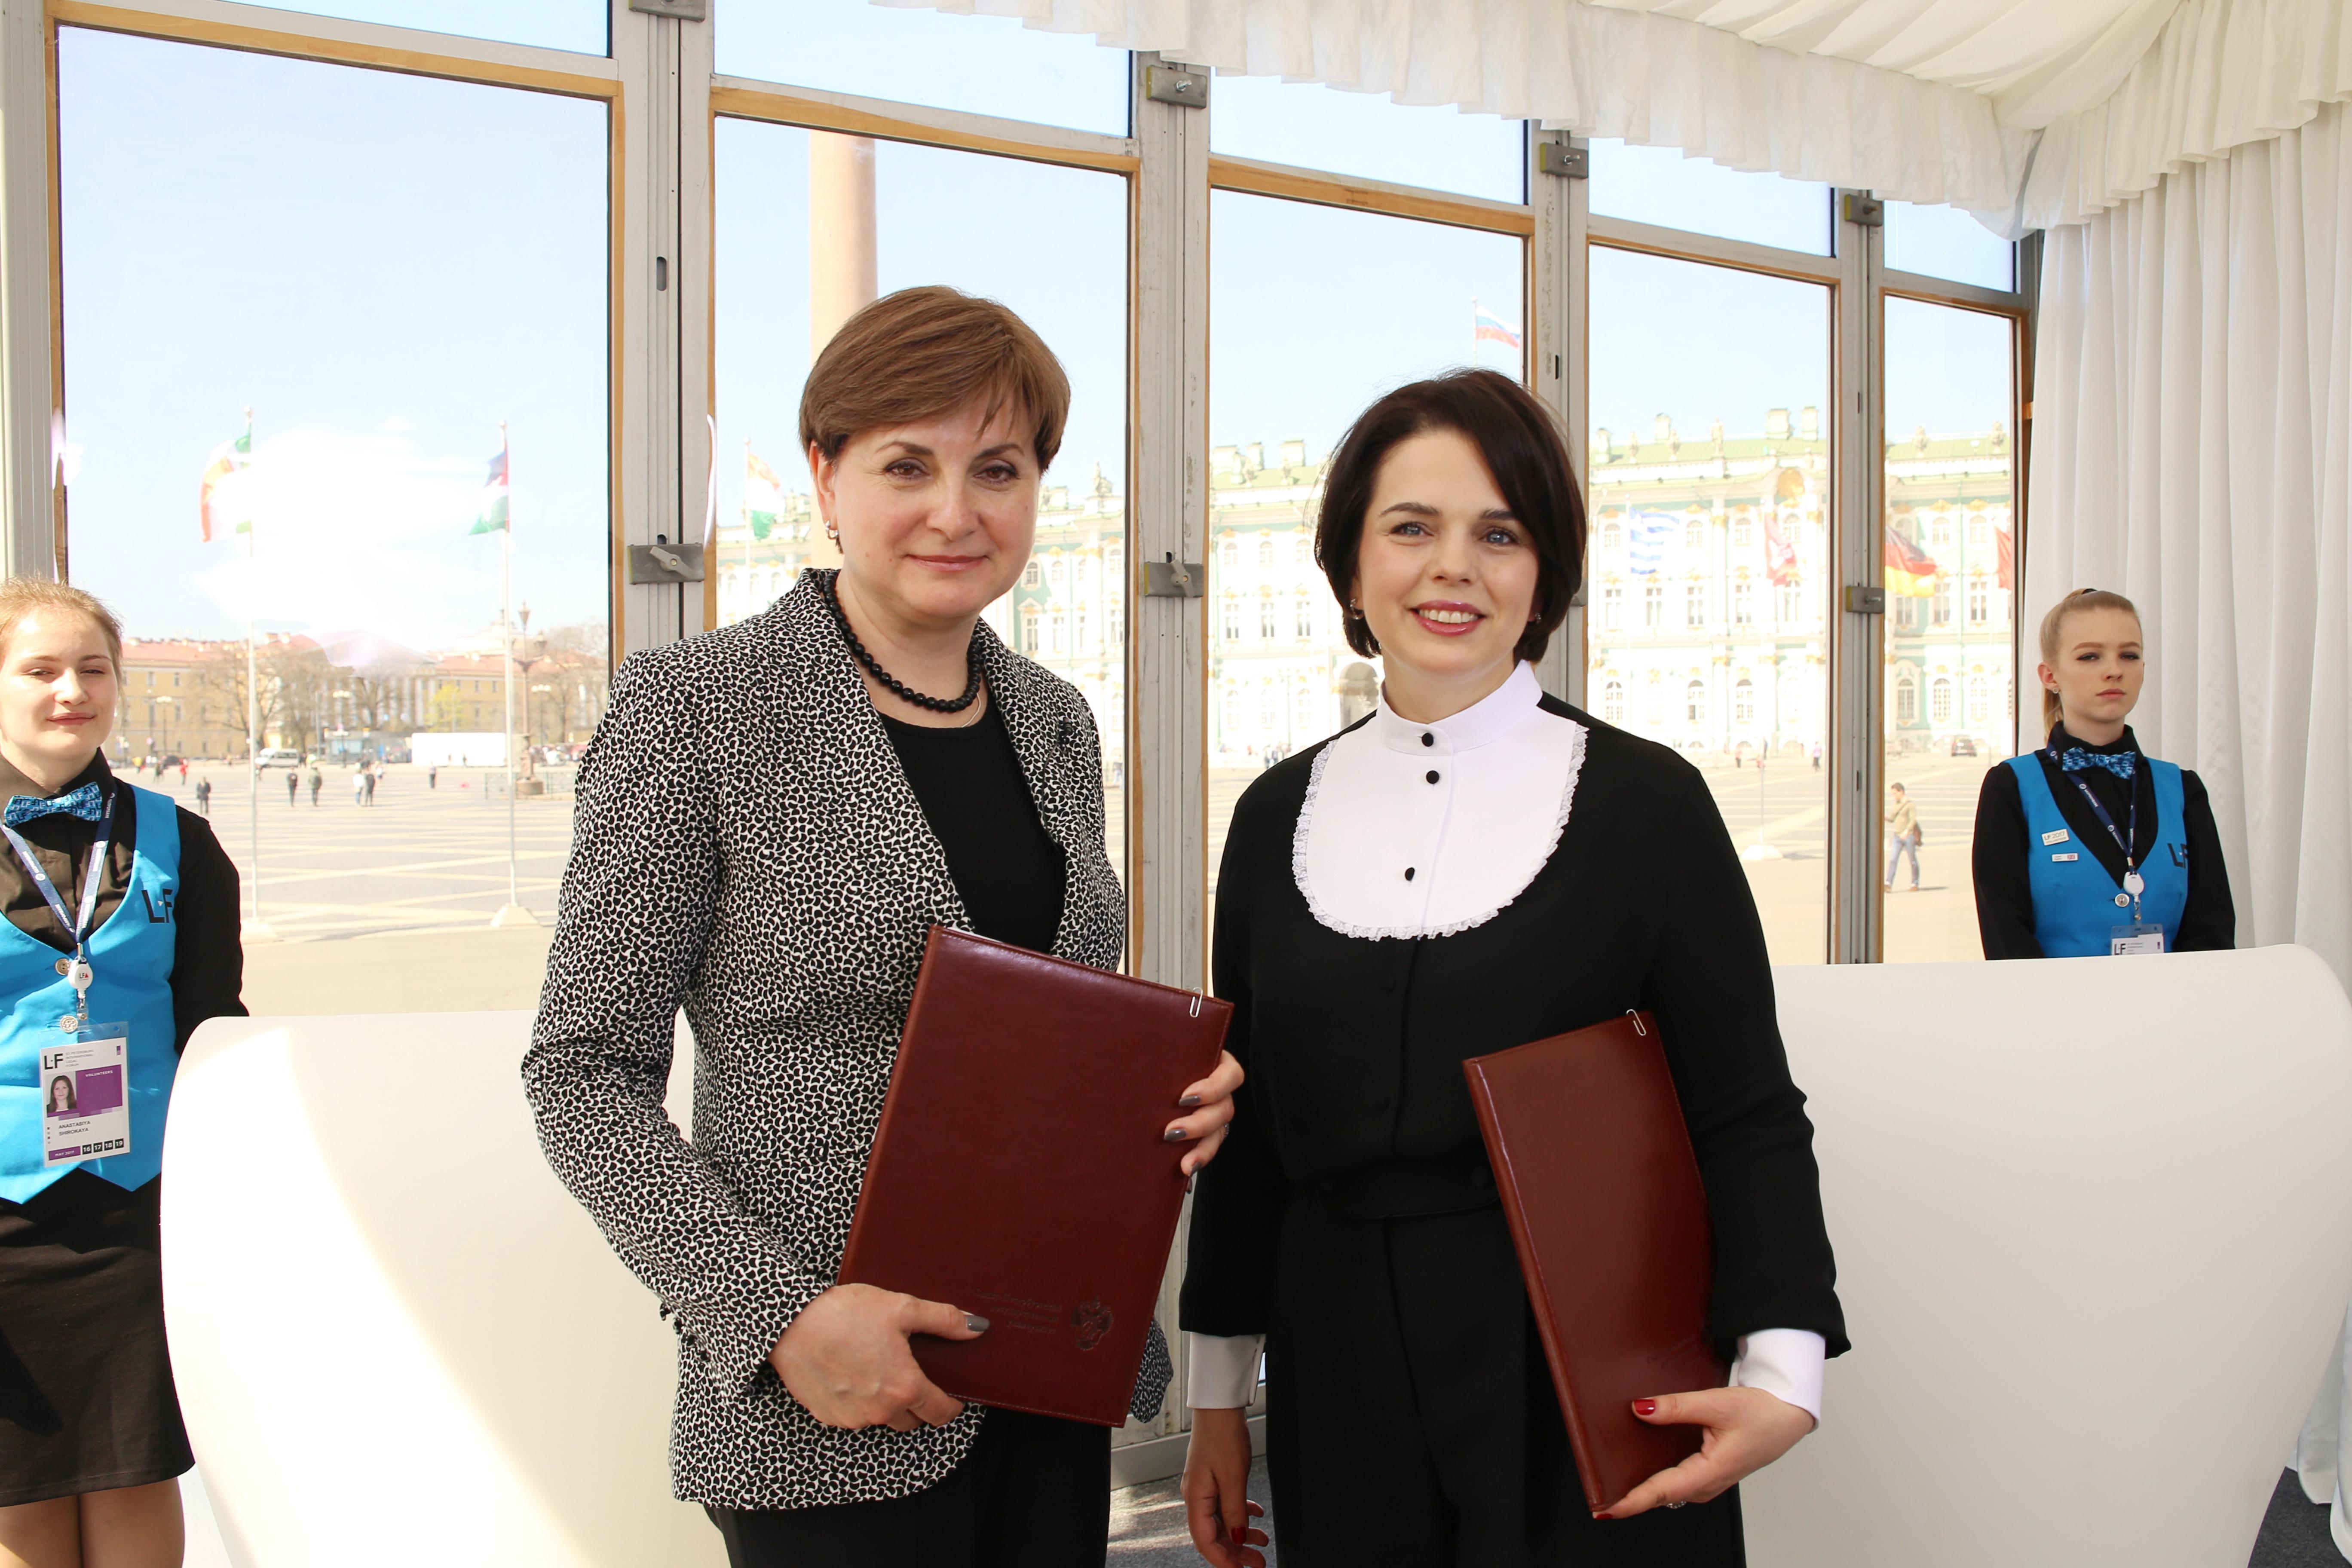 ВКР как прорыв студенты юристы СПбГУ получат стипендии  ВКР как прорыв студенты юристы СПбГУ получат стипендии Газпромбанка за лучшие магистерские диссертации